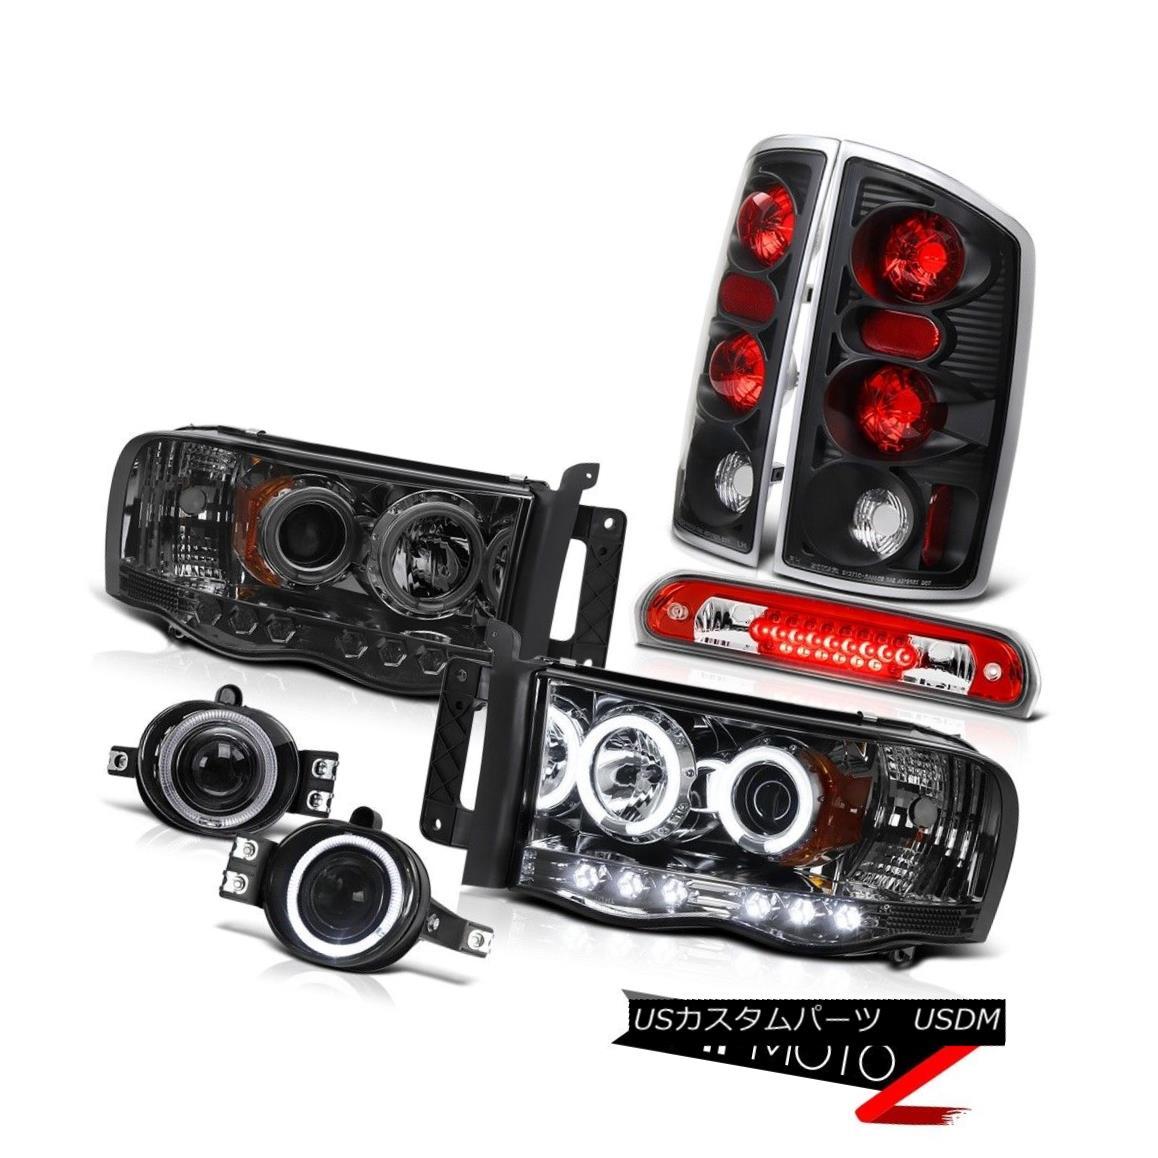 テールライト 02 03 04 05 Ram 3500 C.C.F.L Smoke Headlight Reverse Taillight Fog High Stop LED 02 03 04 05 Ram 3500 C.C.F.LスモークヘッドライトリバーステールライトフォグハイストップLED